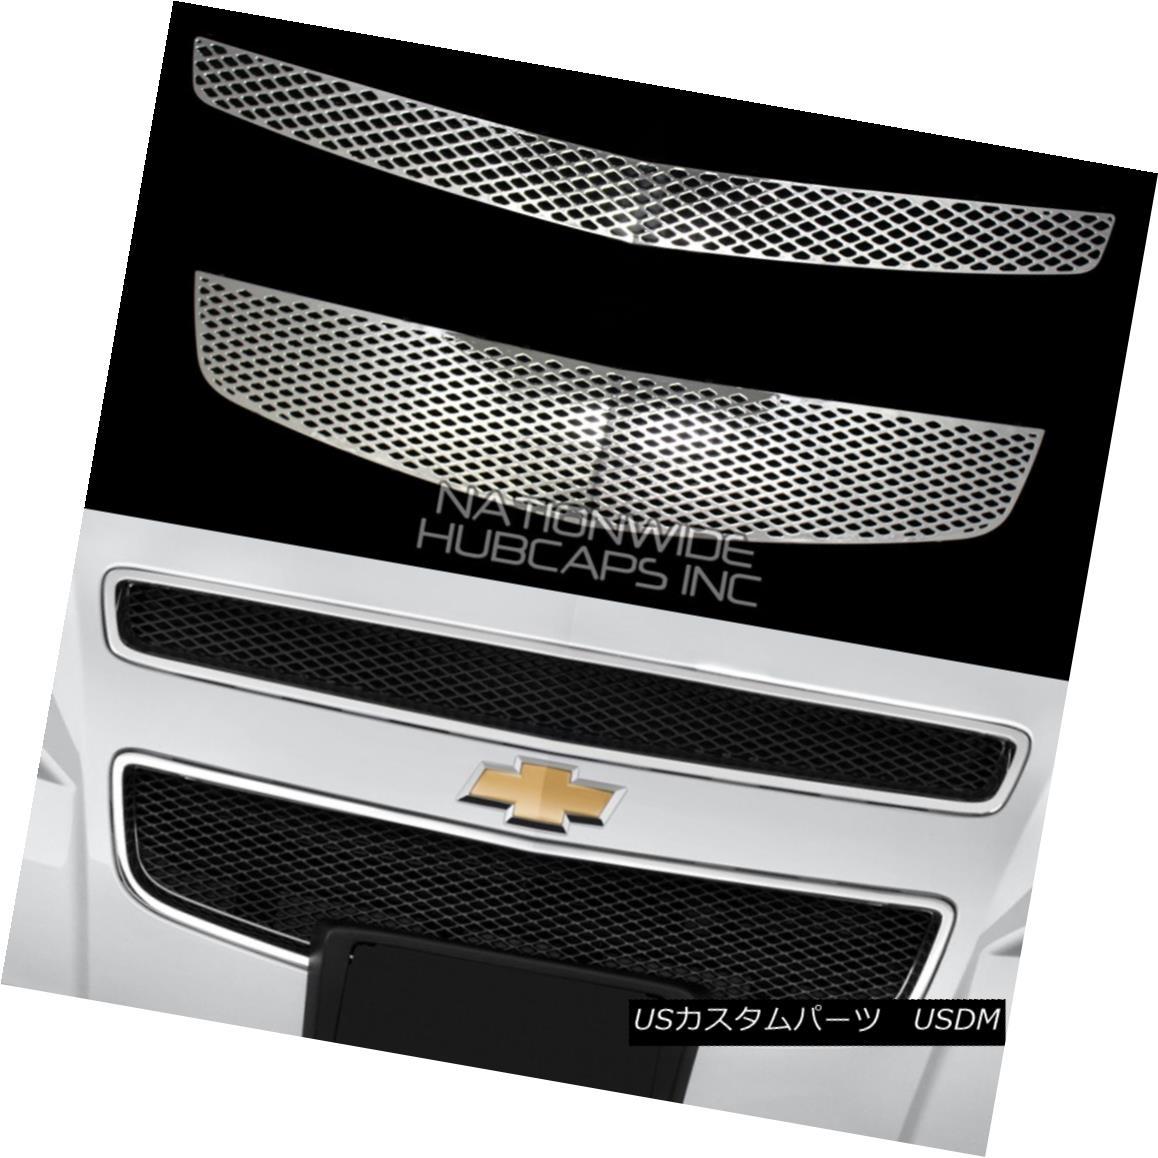 グリル 08-12 Chevy MALIBU CHROME Snap On Grille Overlay Grill Covers Front Vent Inserts 08-12 Chevy MALIBU CHROMEスナップオングリルオーバーレイグリルカバーフロントベントインサート